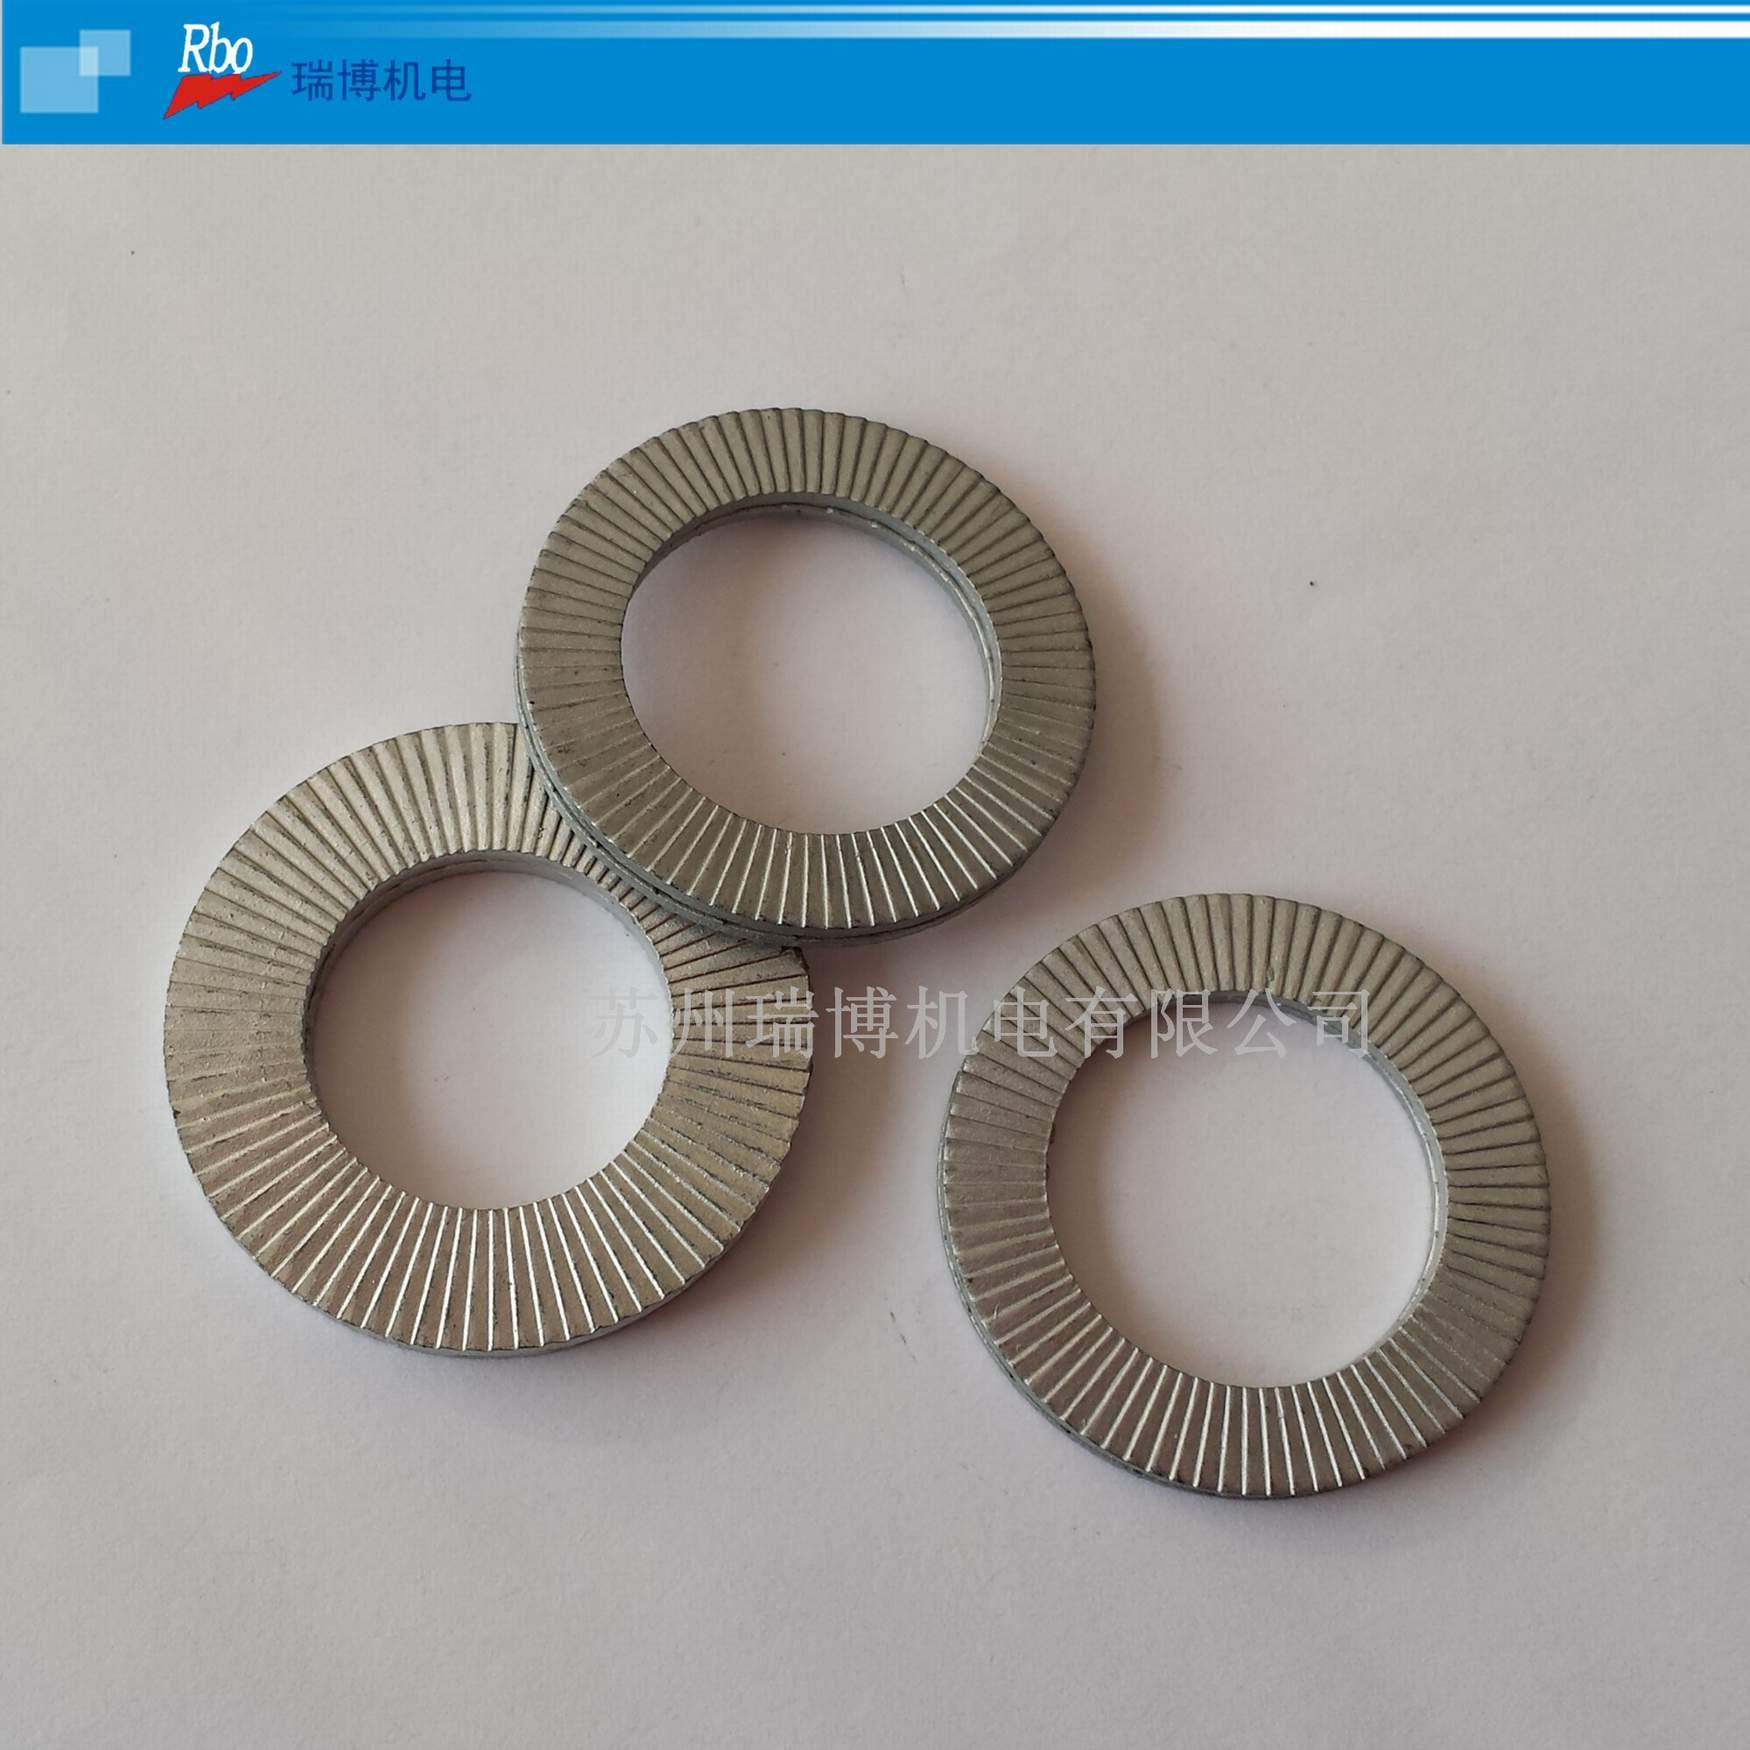 单面印花垫圈DIN25201 供应